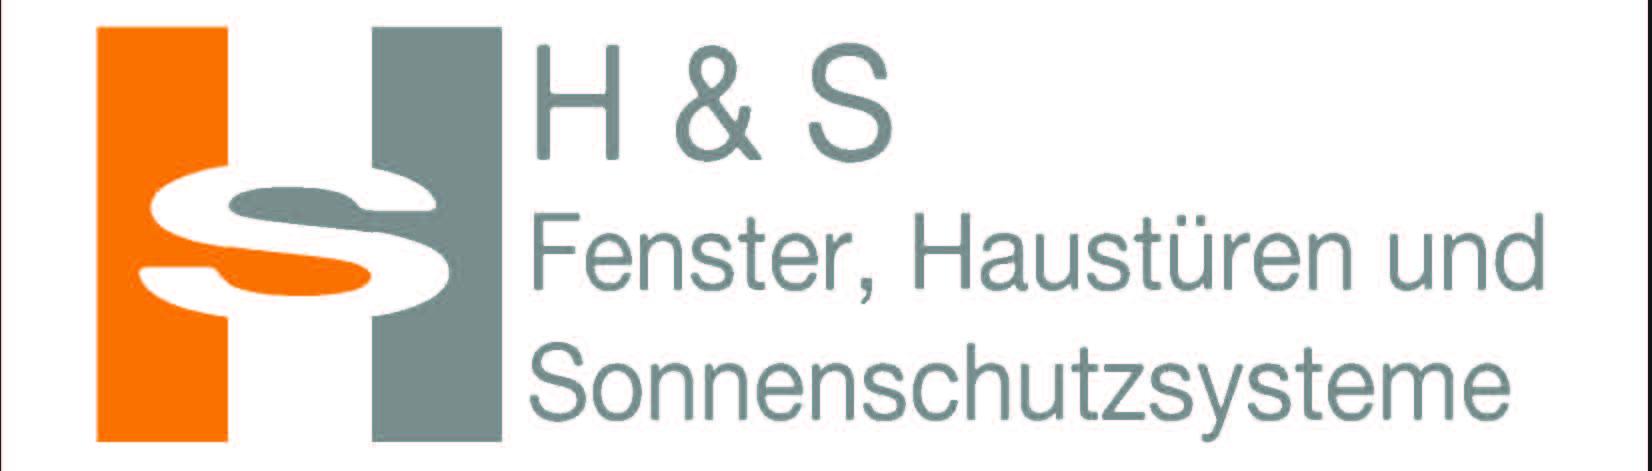 H&S Fenster Haustüren Sonnens. Hauzeneder Anton